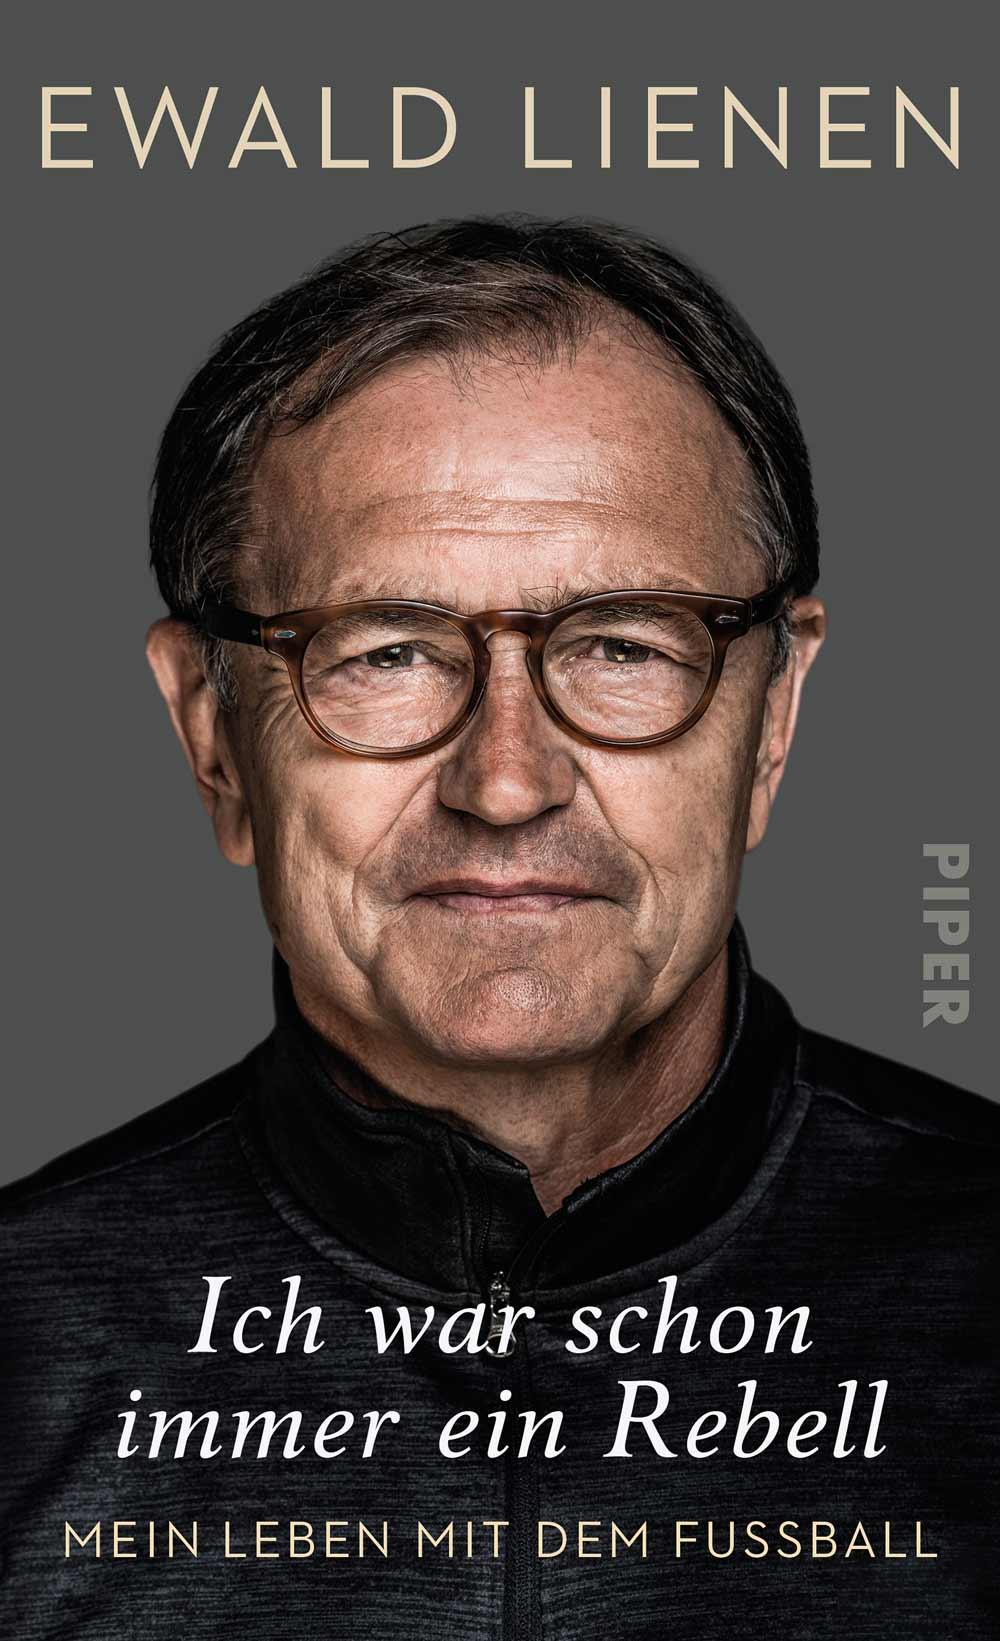 Ewald Lienen Buch